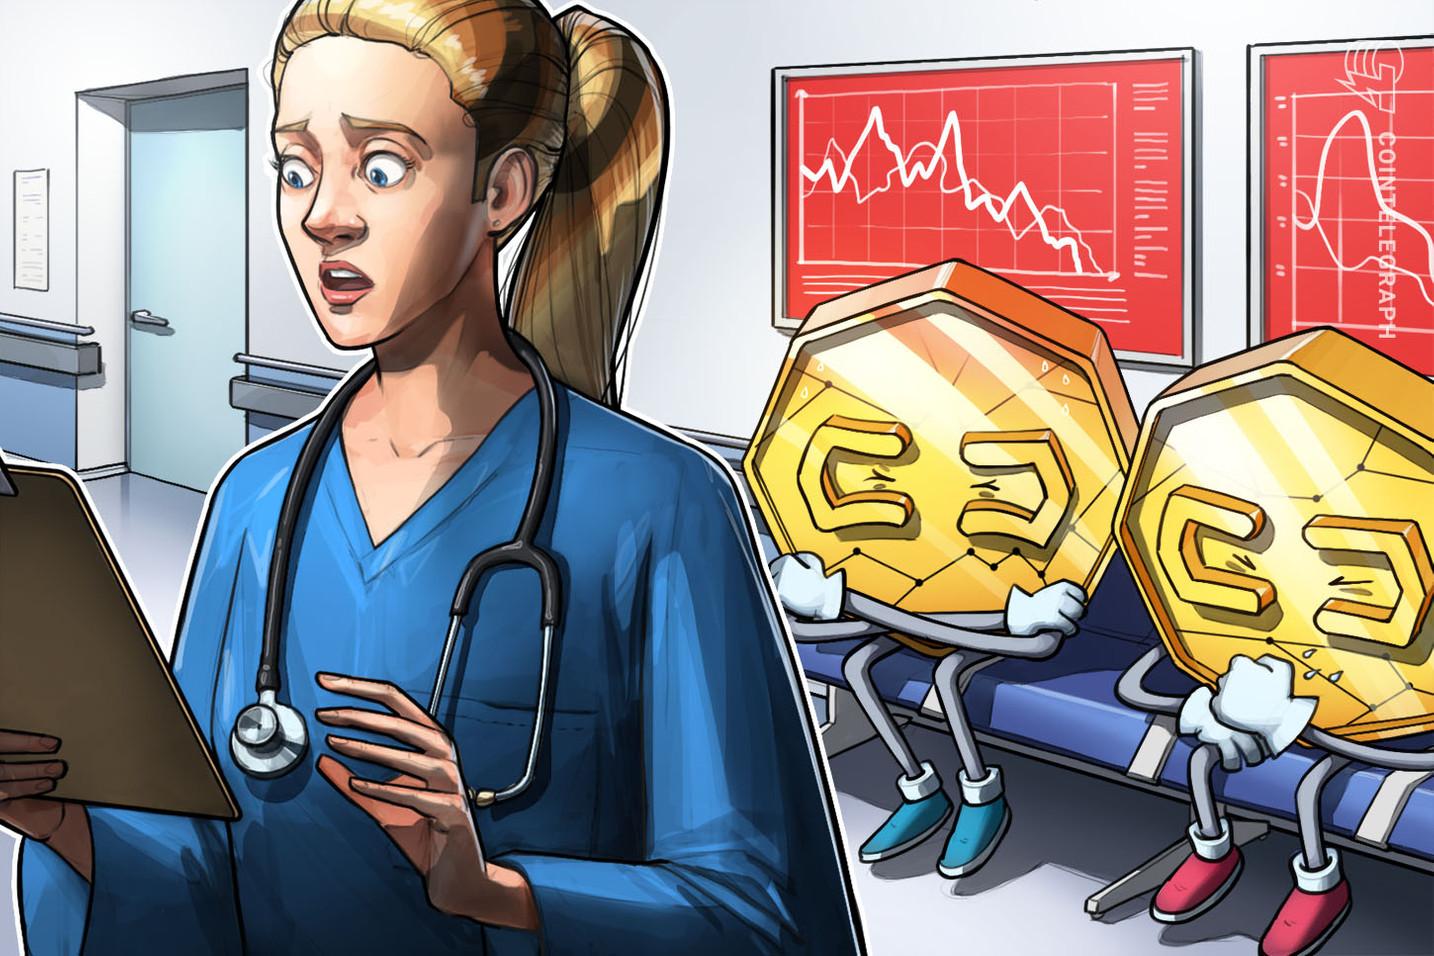 Continua la contrazione dei mercati, Bitcoin oscilla attorno ai 7.800$